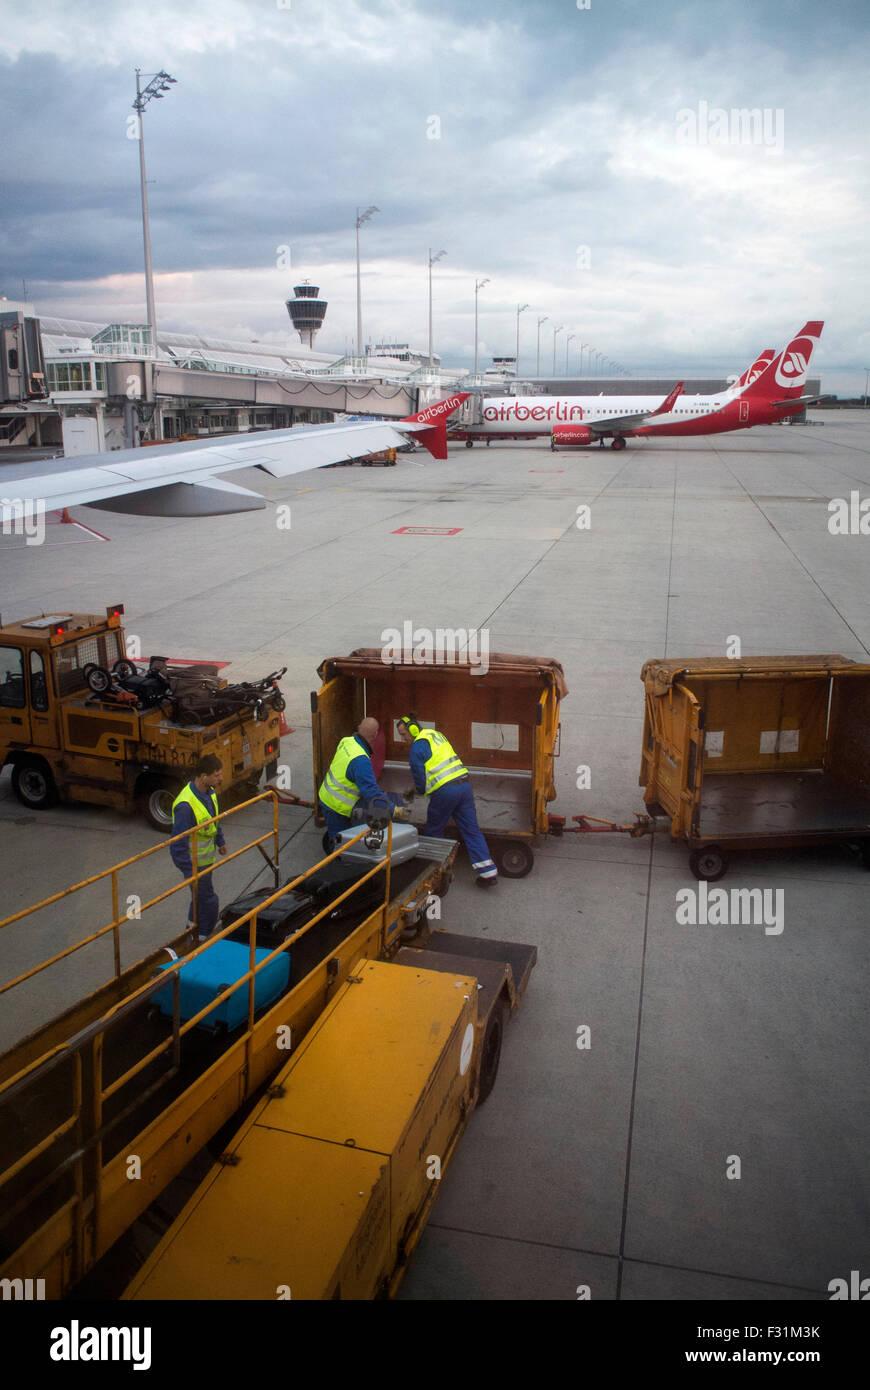 Gepäck-Handers entladen Gepäck von einem Air Berlin Flug am Flughafen München, Deutschland. Stockbild